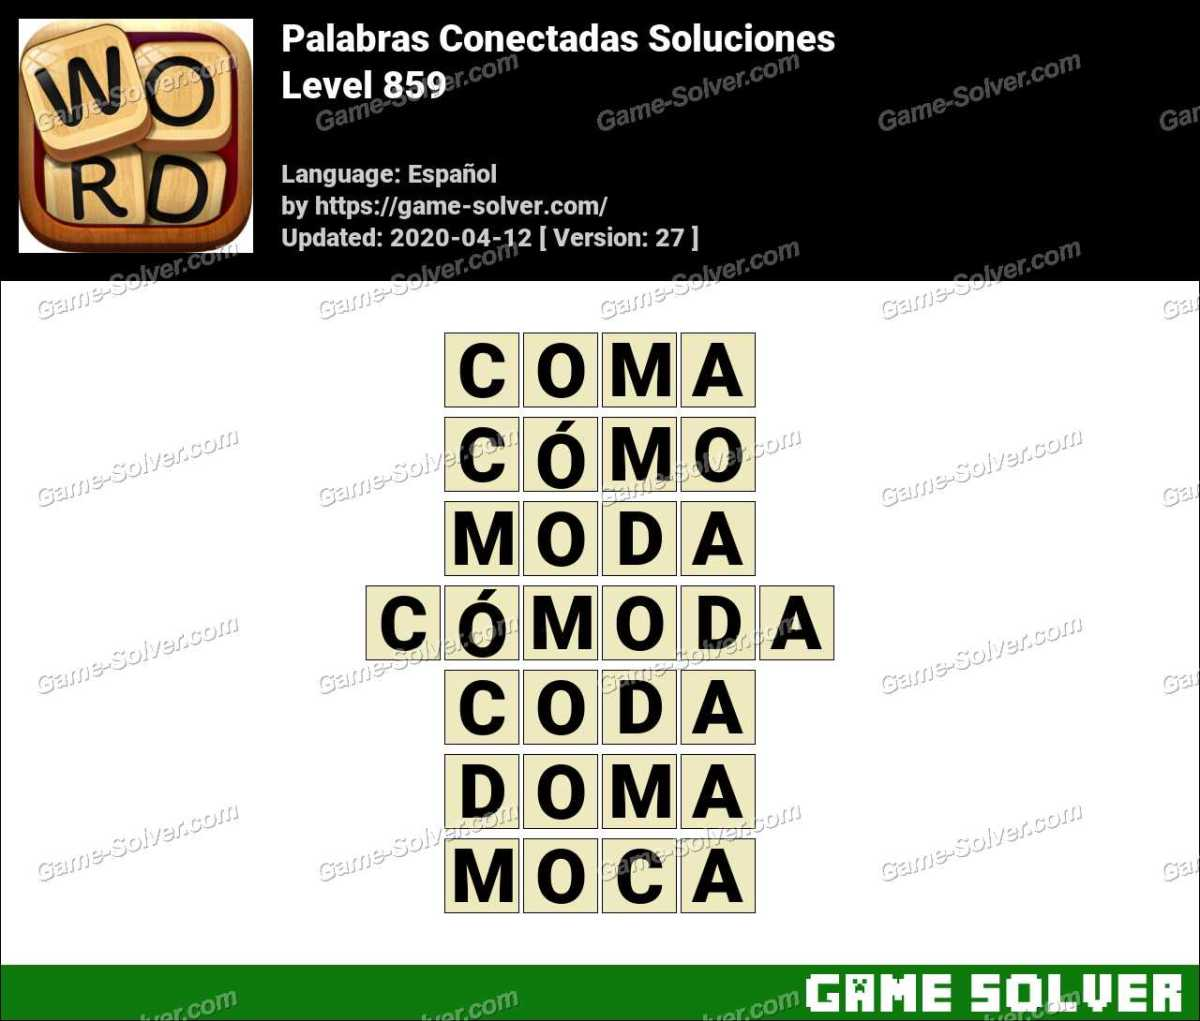 Palabras Conectadas Nivel 859 Soluciones